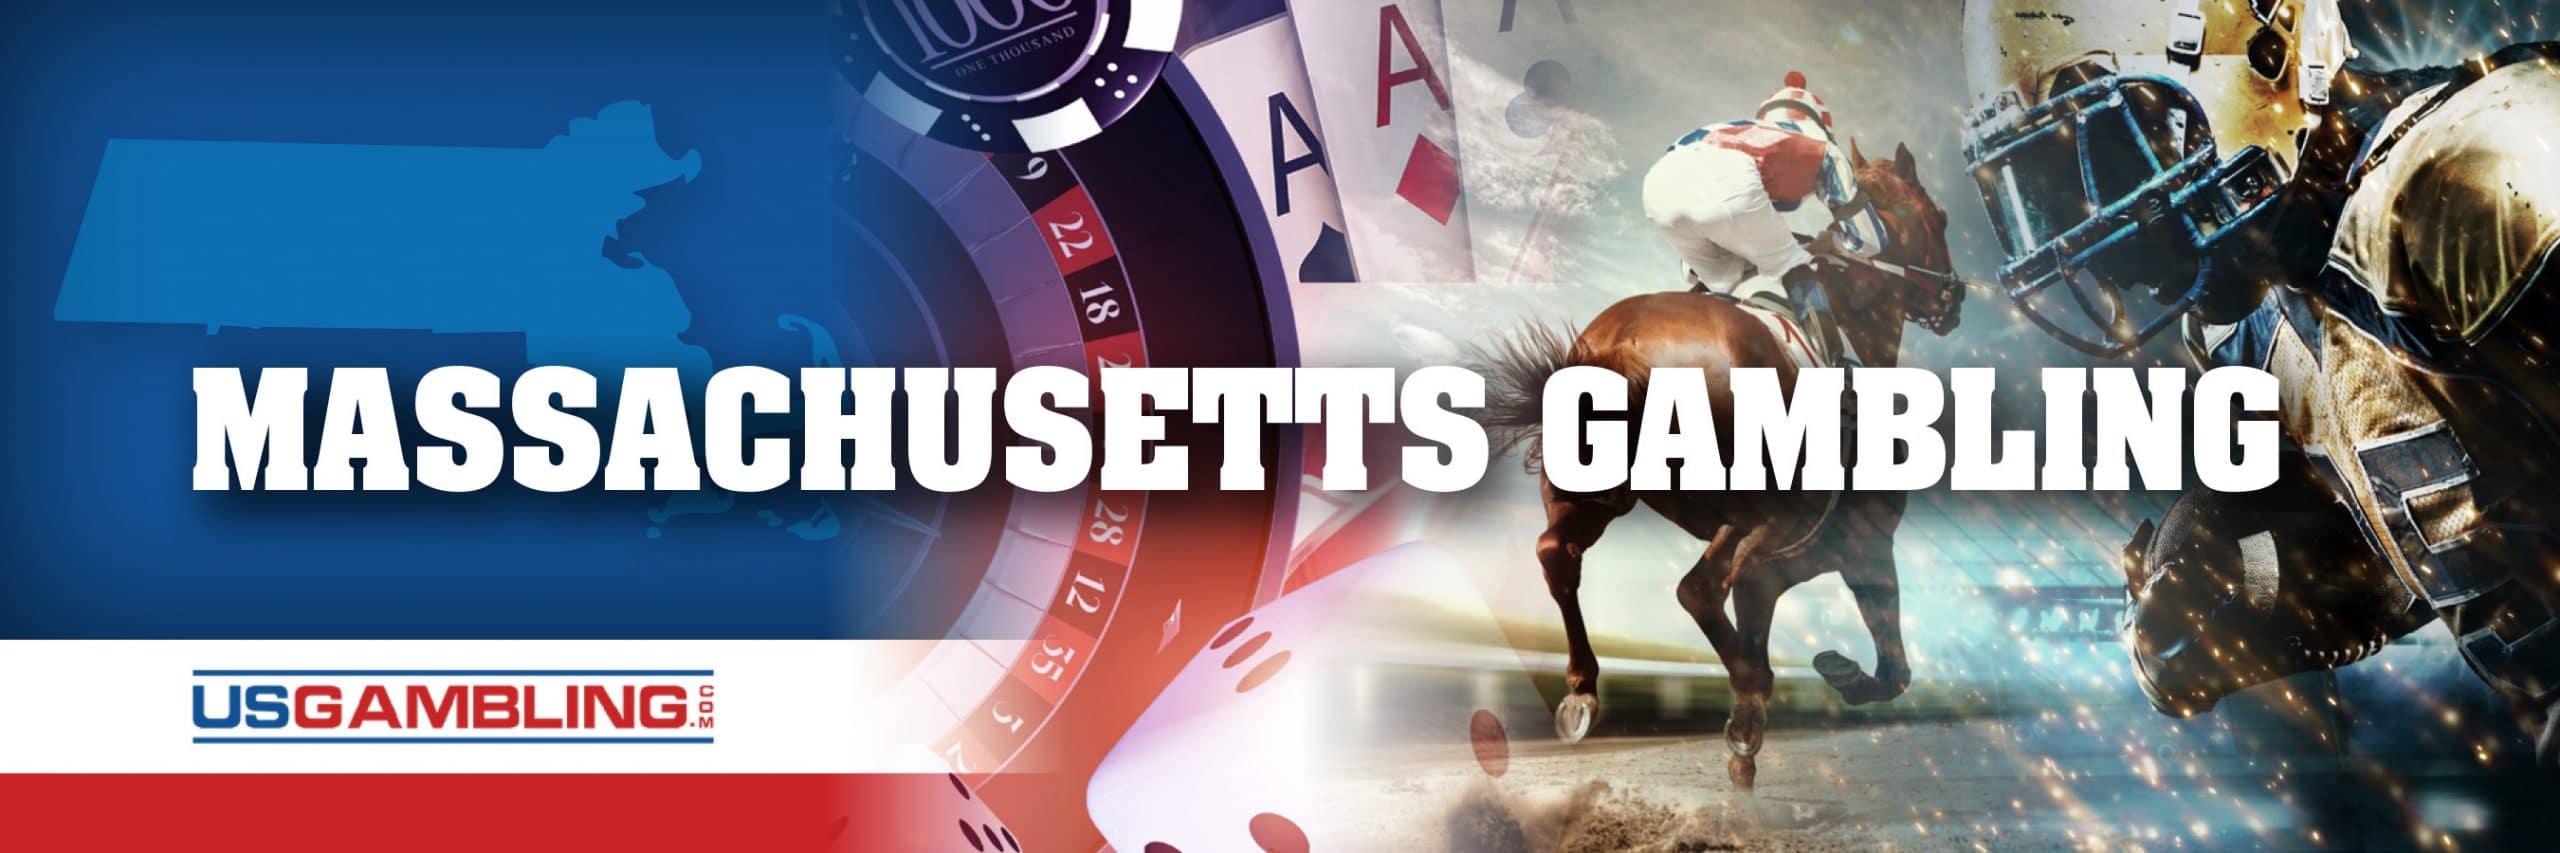 Legal Massachusetts Gambling